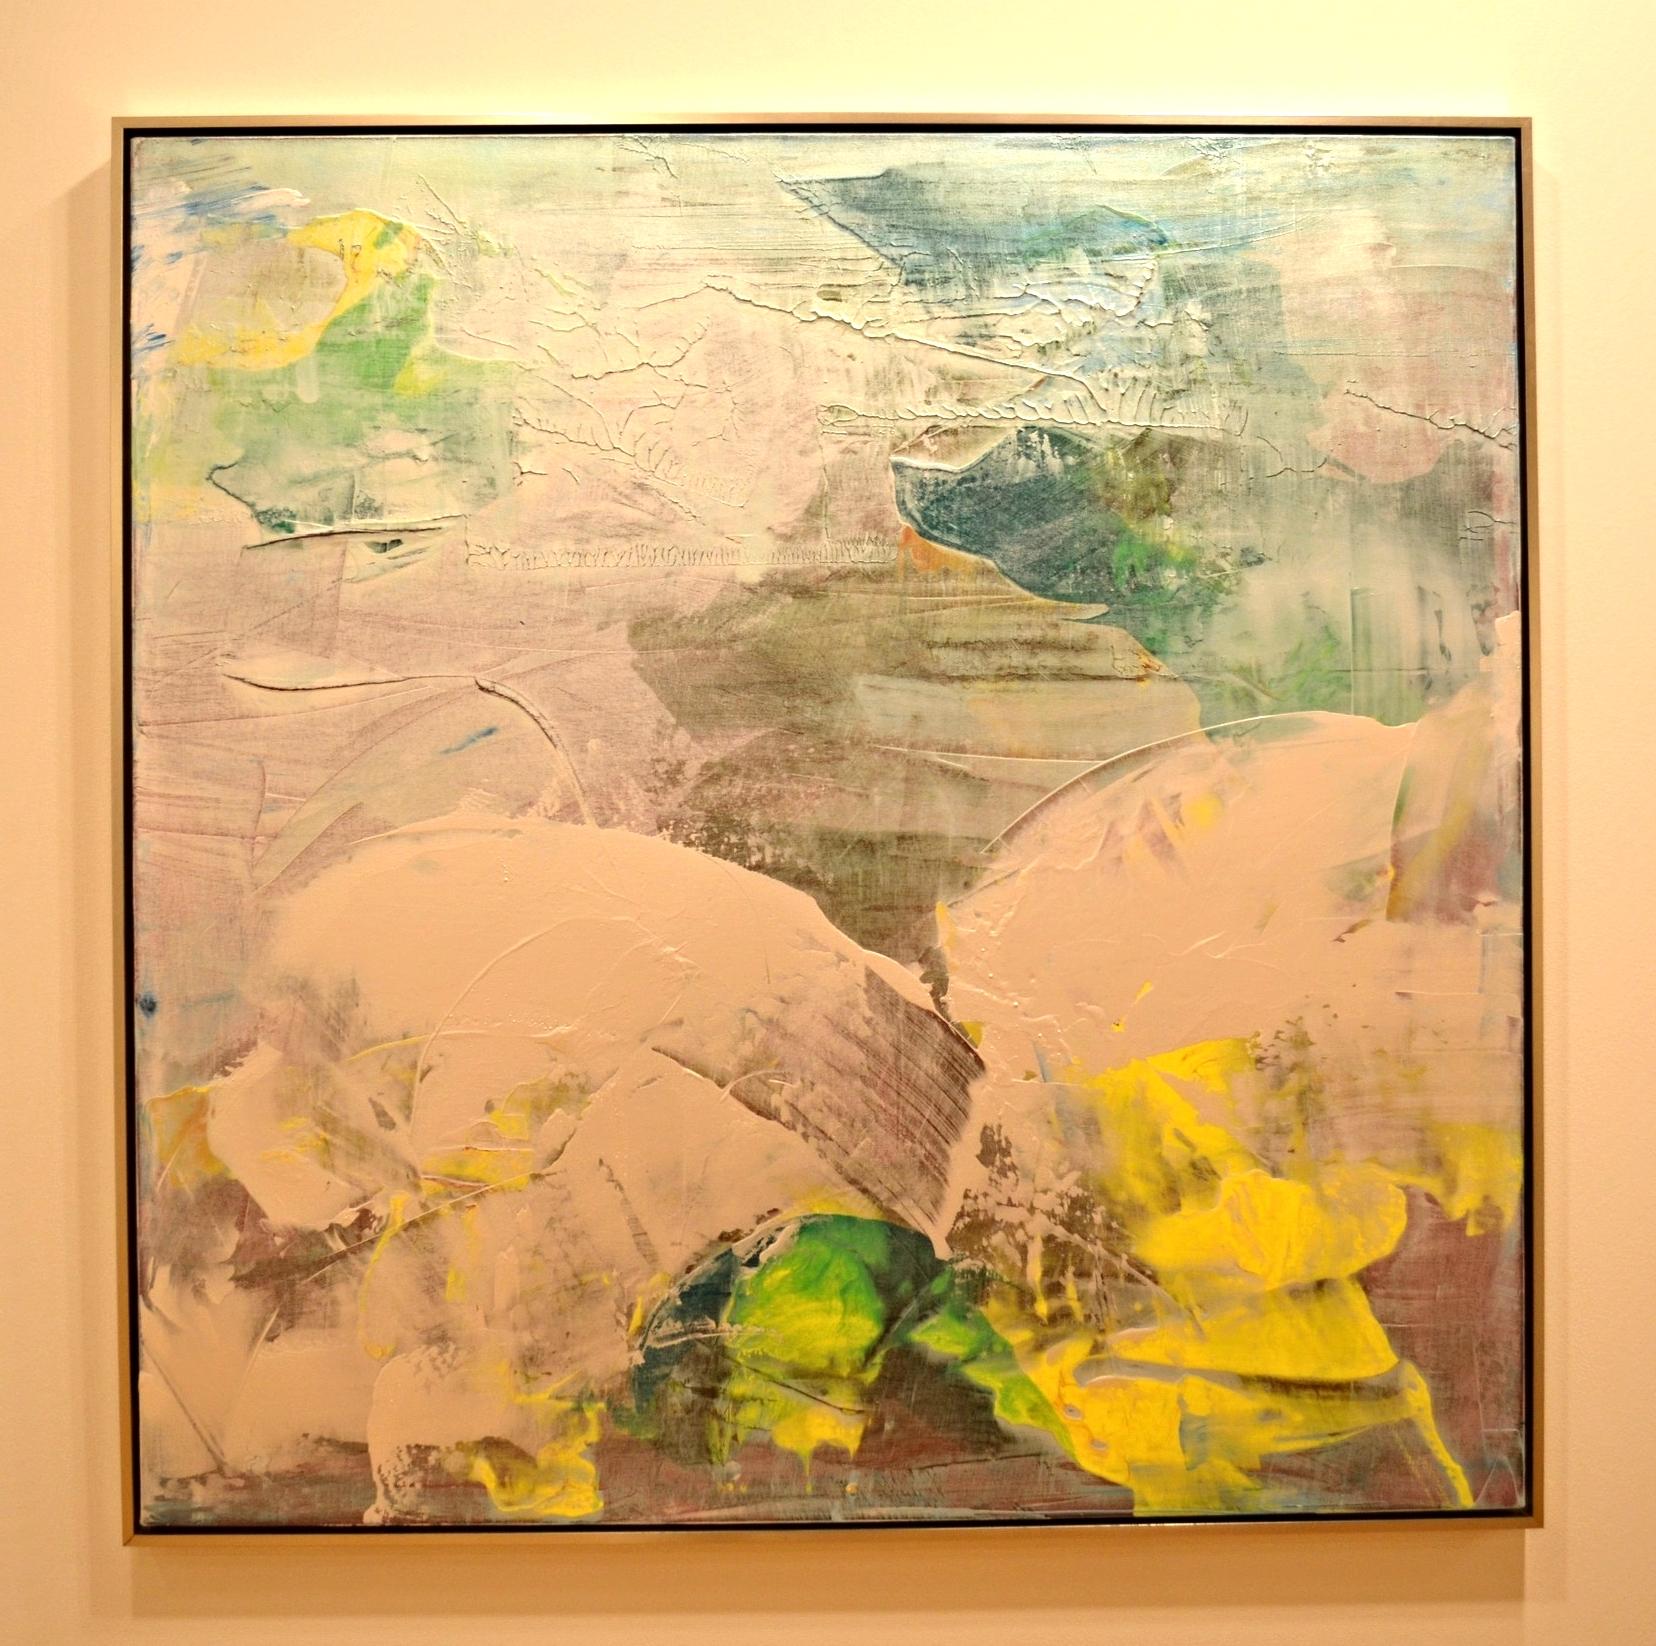 5. Breathe, Natasha Shoro, 48 x 48 inches, $6,500